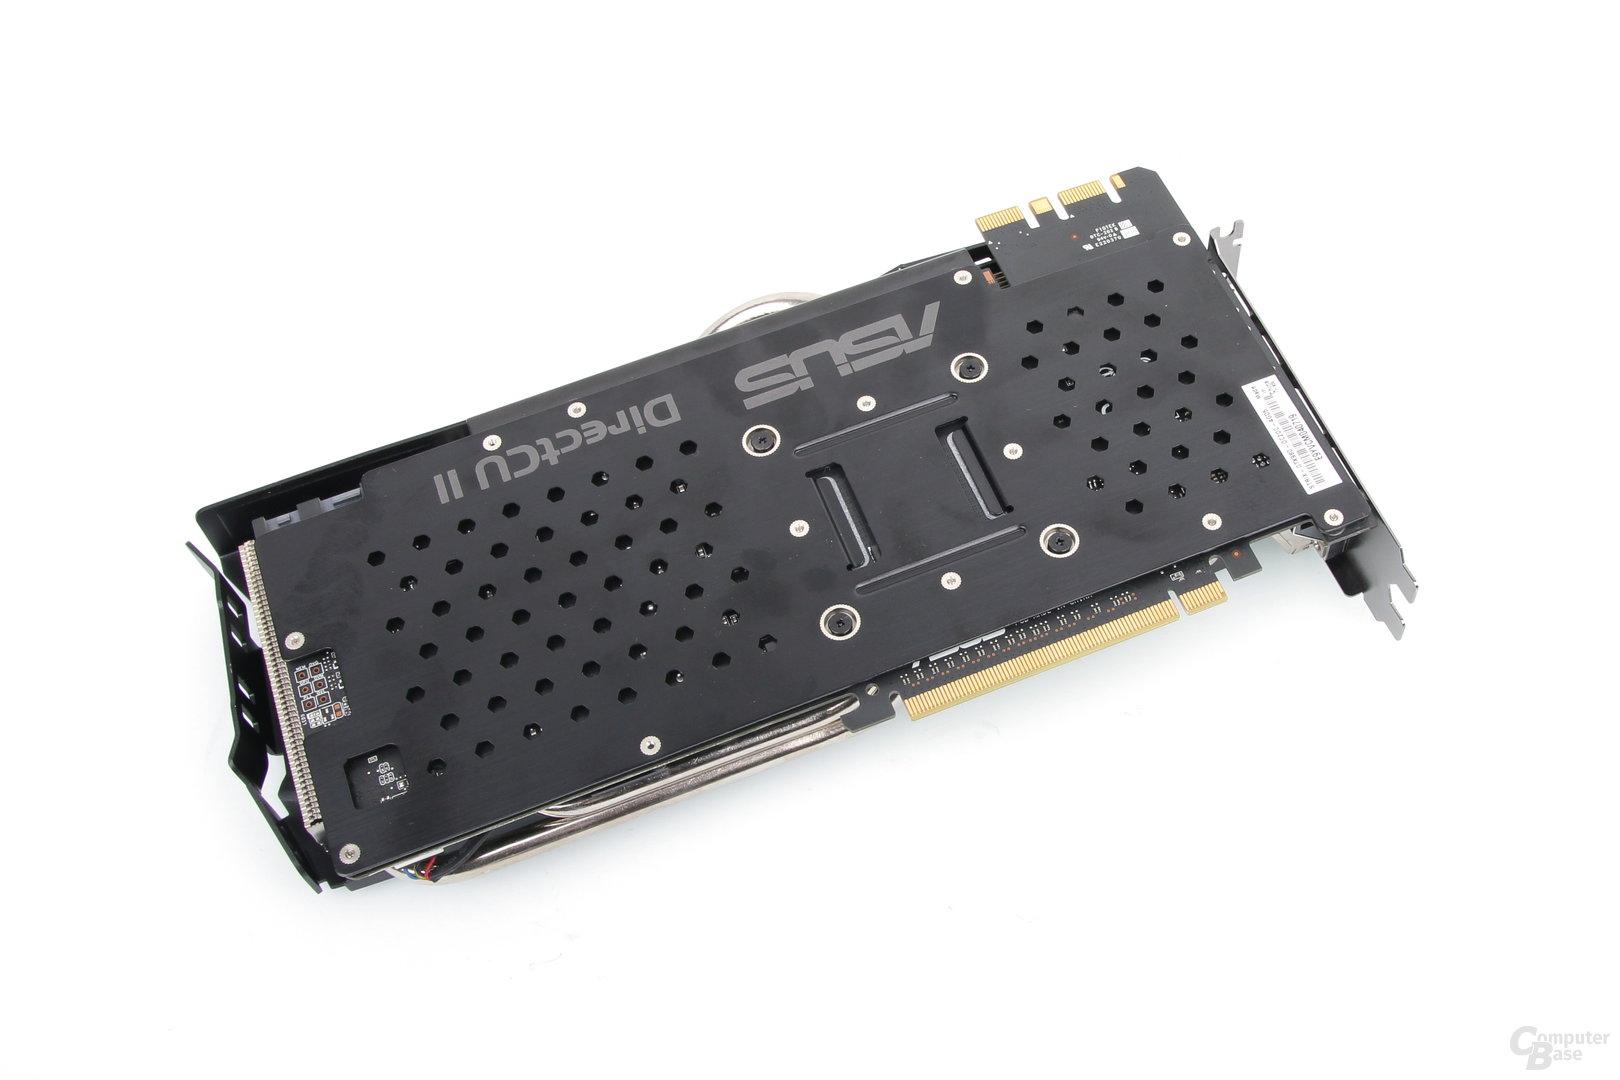 Asus GeForce GTX 980 Strix – Rückseite